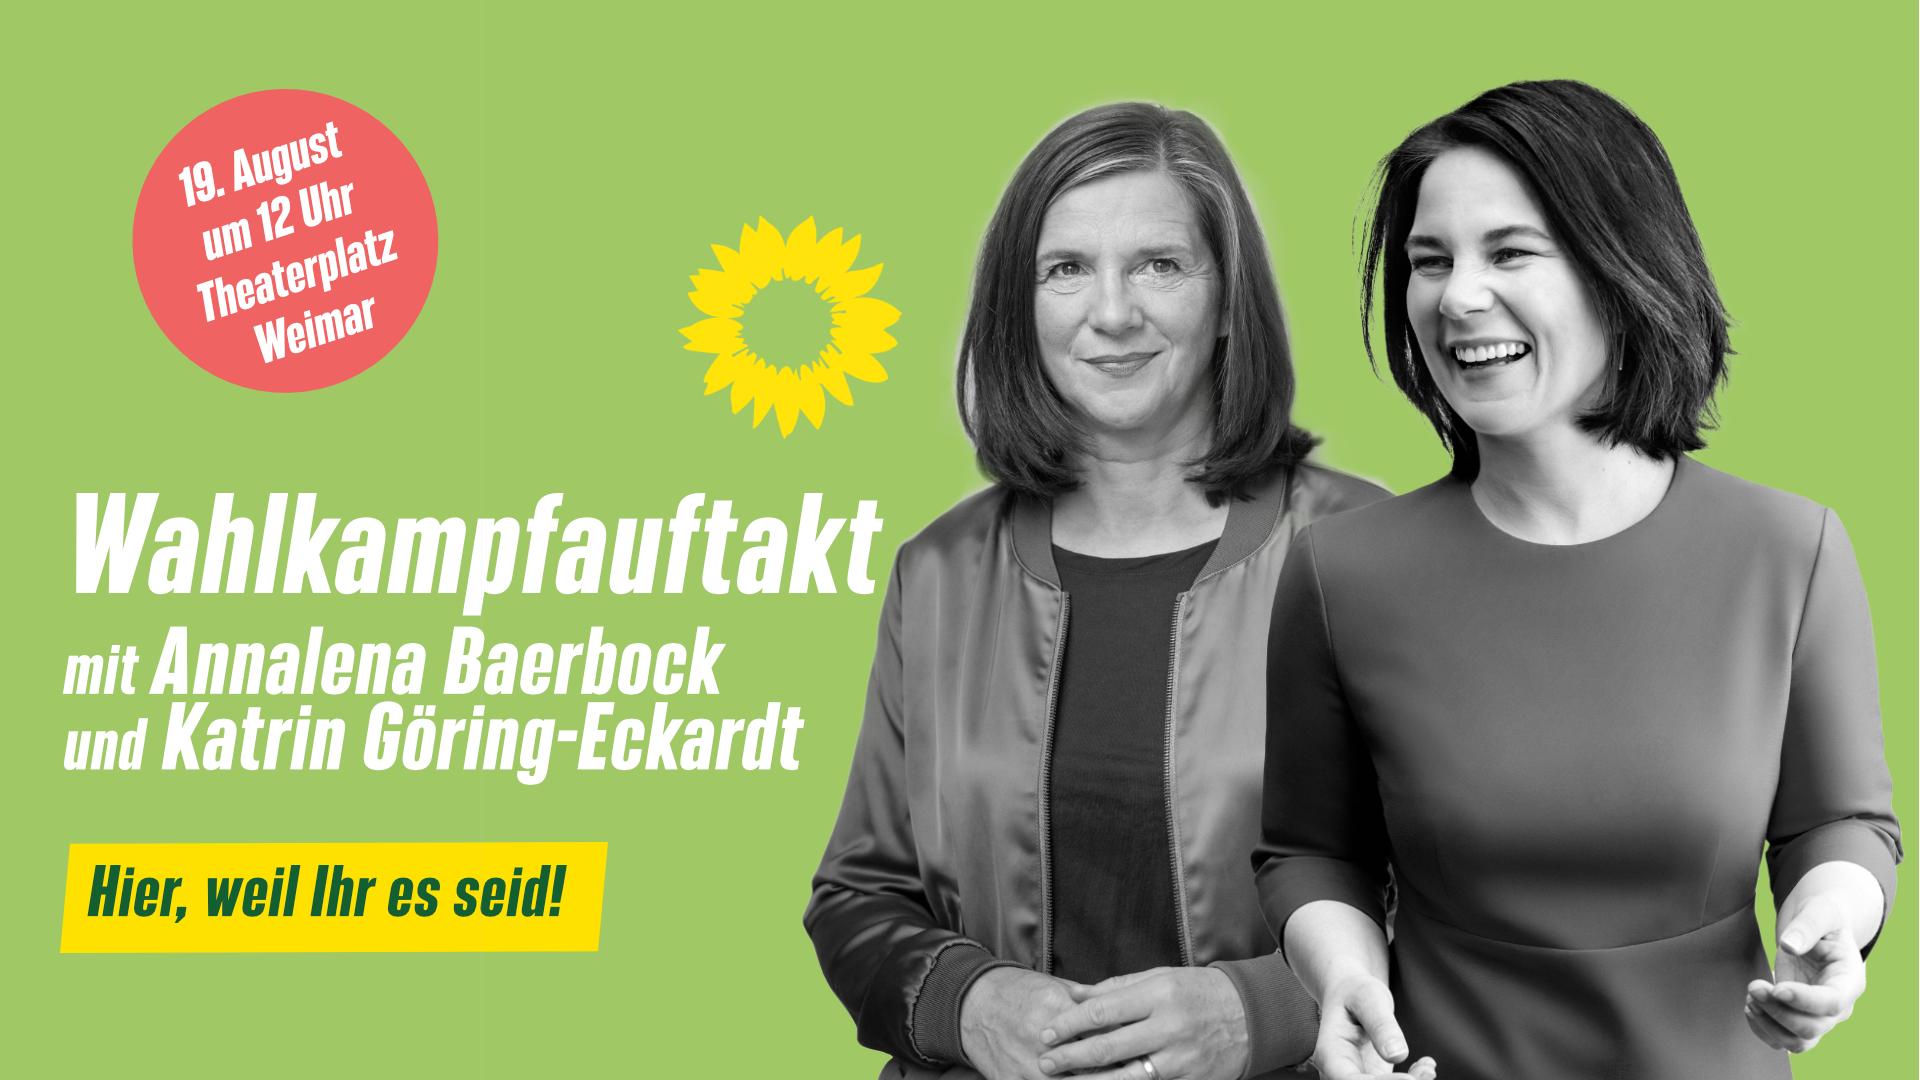 Wahlkampfauftakt mit Annalena Baerbock und Katrin Göring-Eckardt